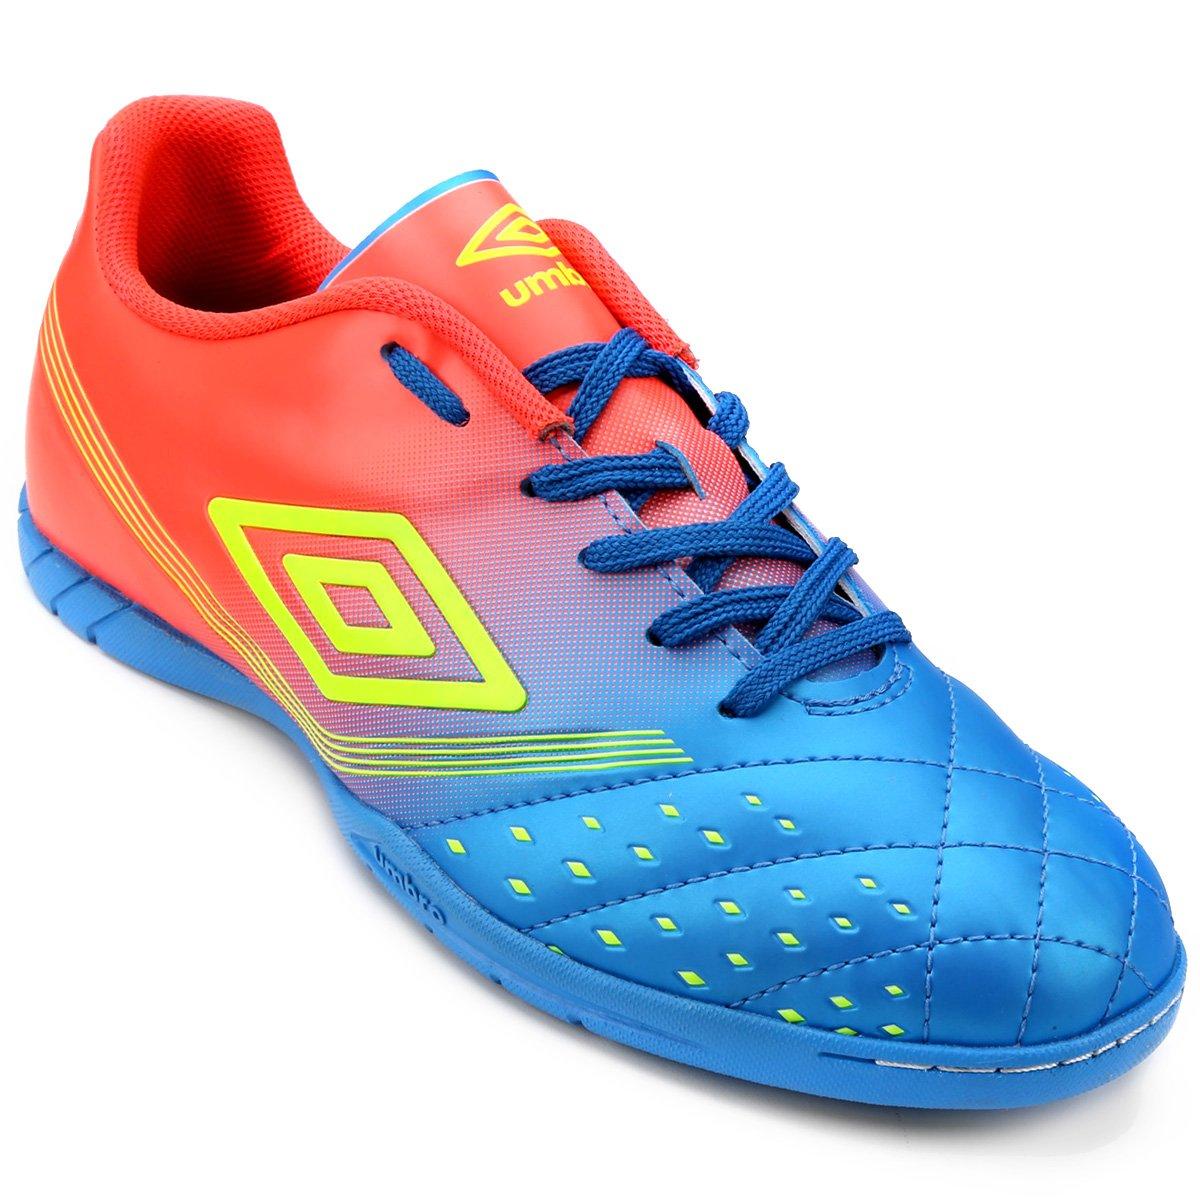 a114151d68 Chuteira futsal umbro fifty azul e vermelho compre agora shop jpg 544x544 Umbro  chuteira 2016